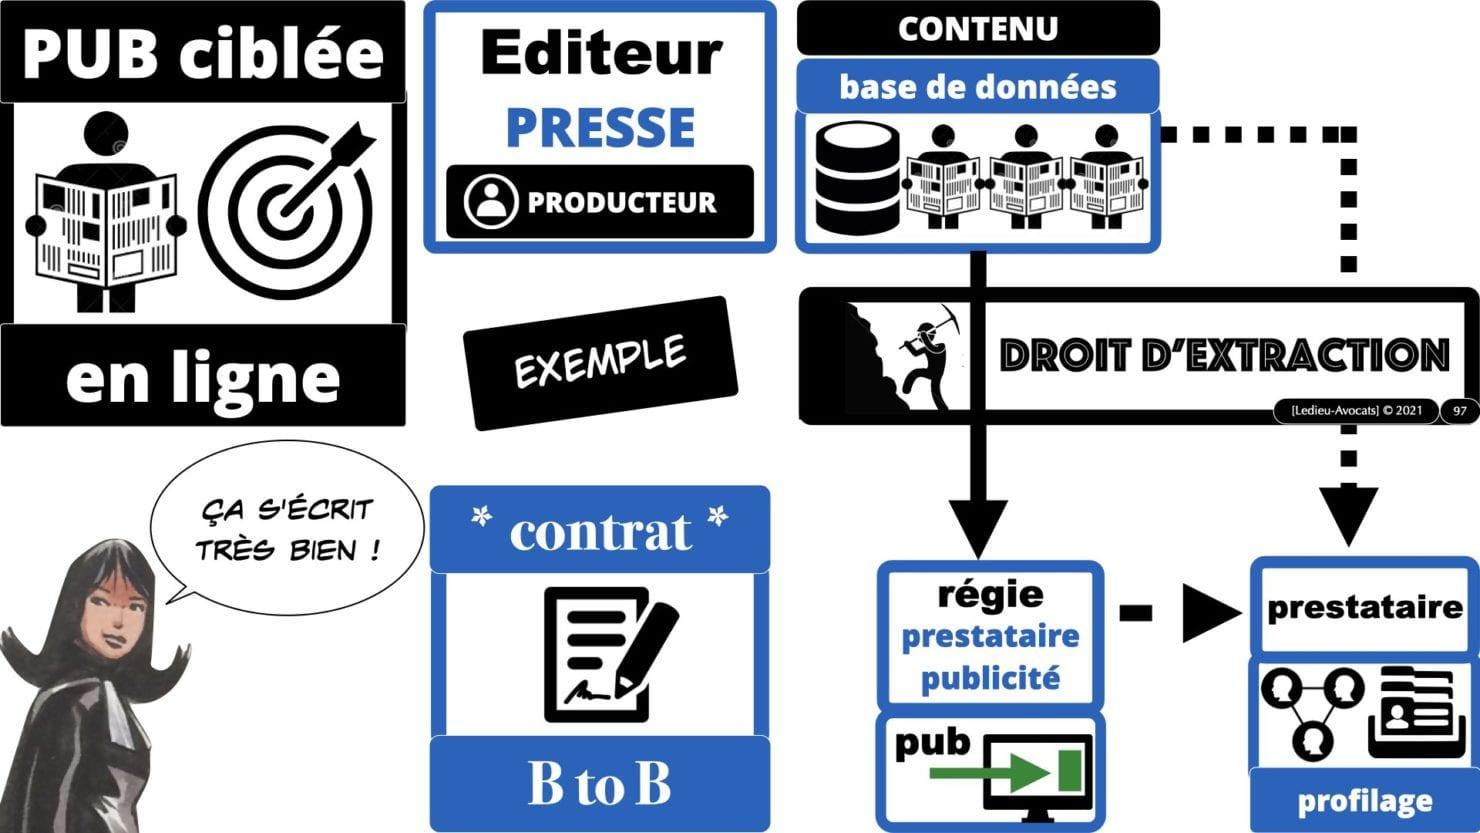 334 extraction indexation BASE DE DONNEES © Ledieu-avocat 24-05-2021.097